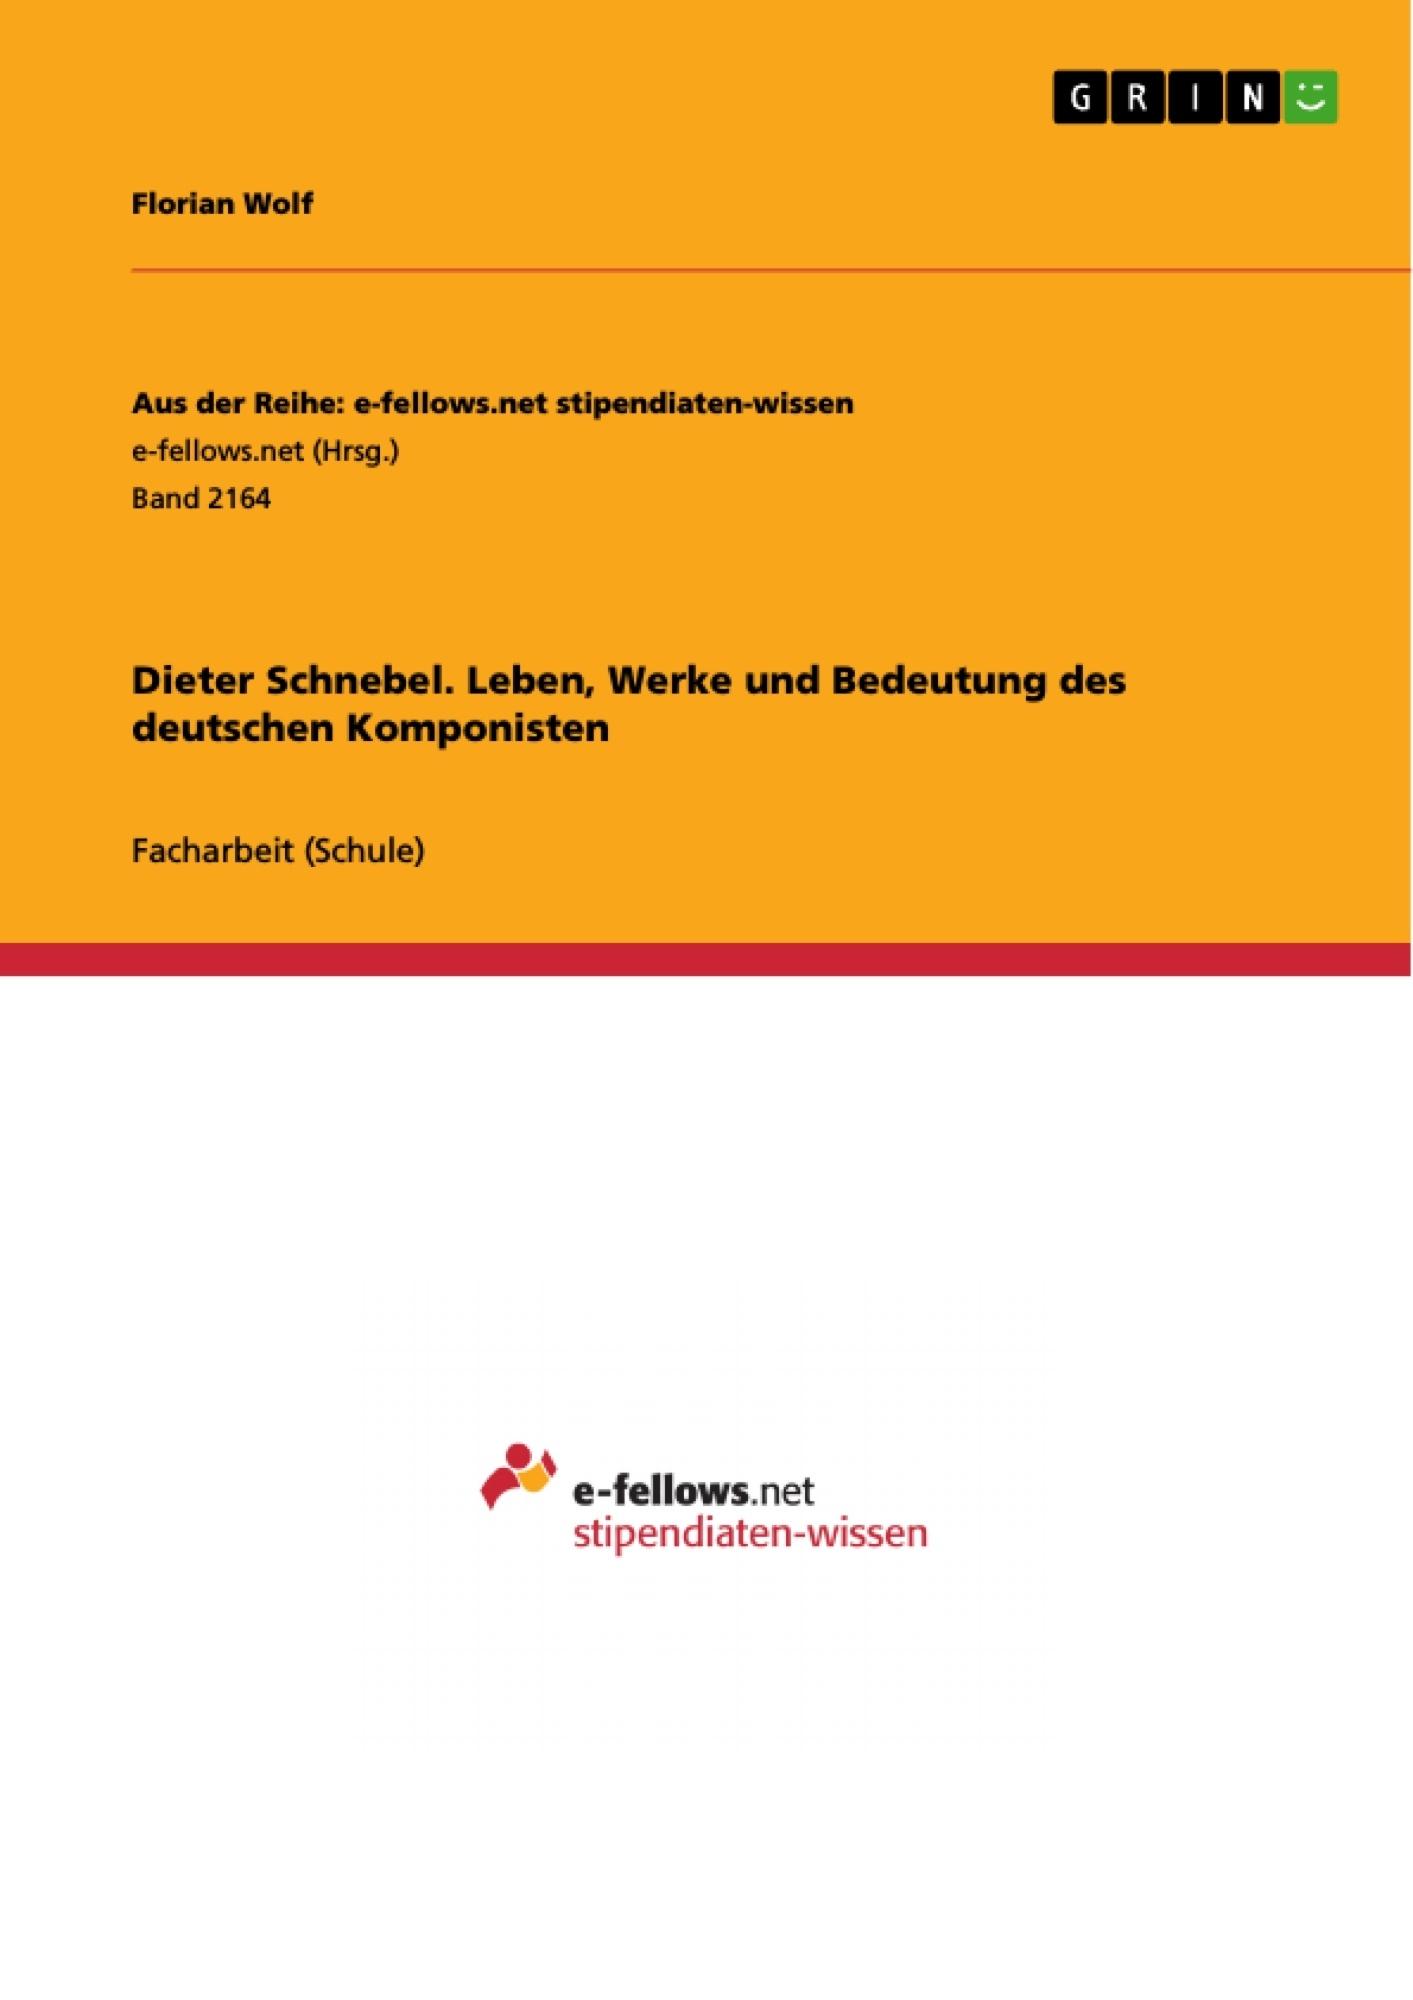 Titel: Dieter Schnebel. Leben, Werke und Bedeutung des deutschen Komponisten